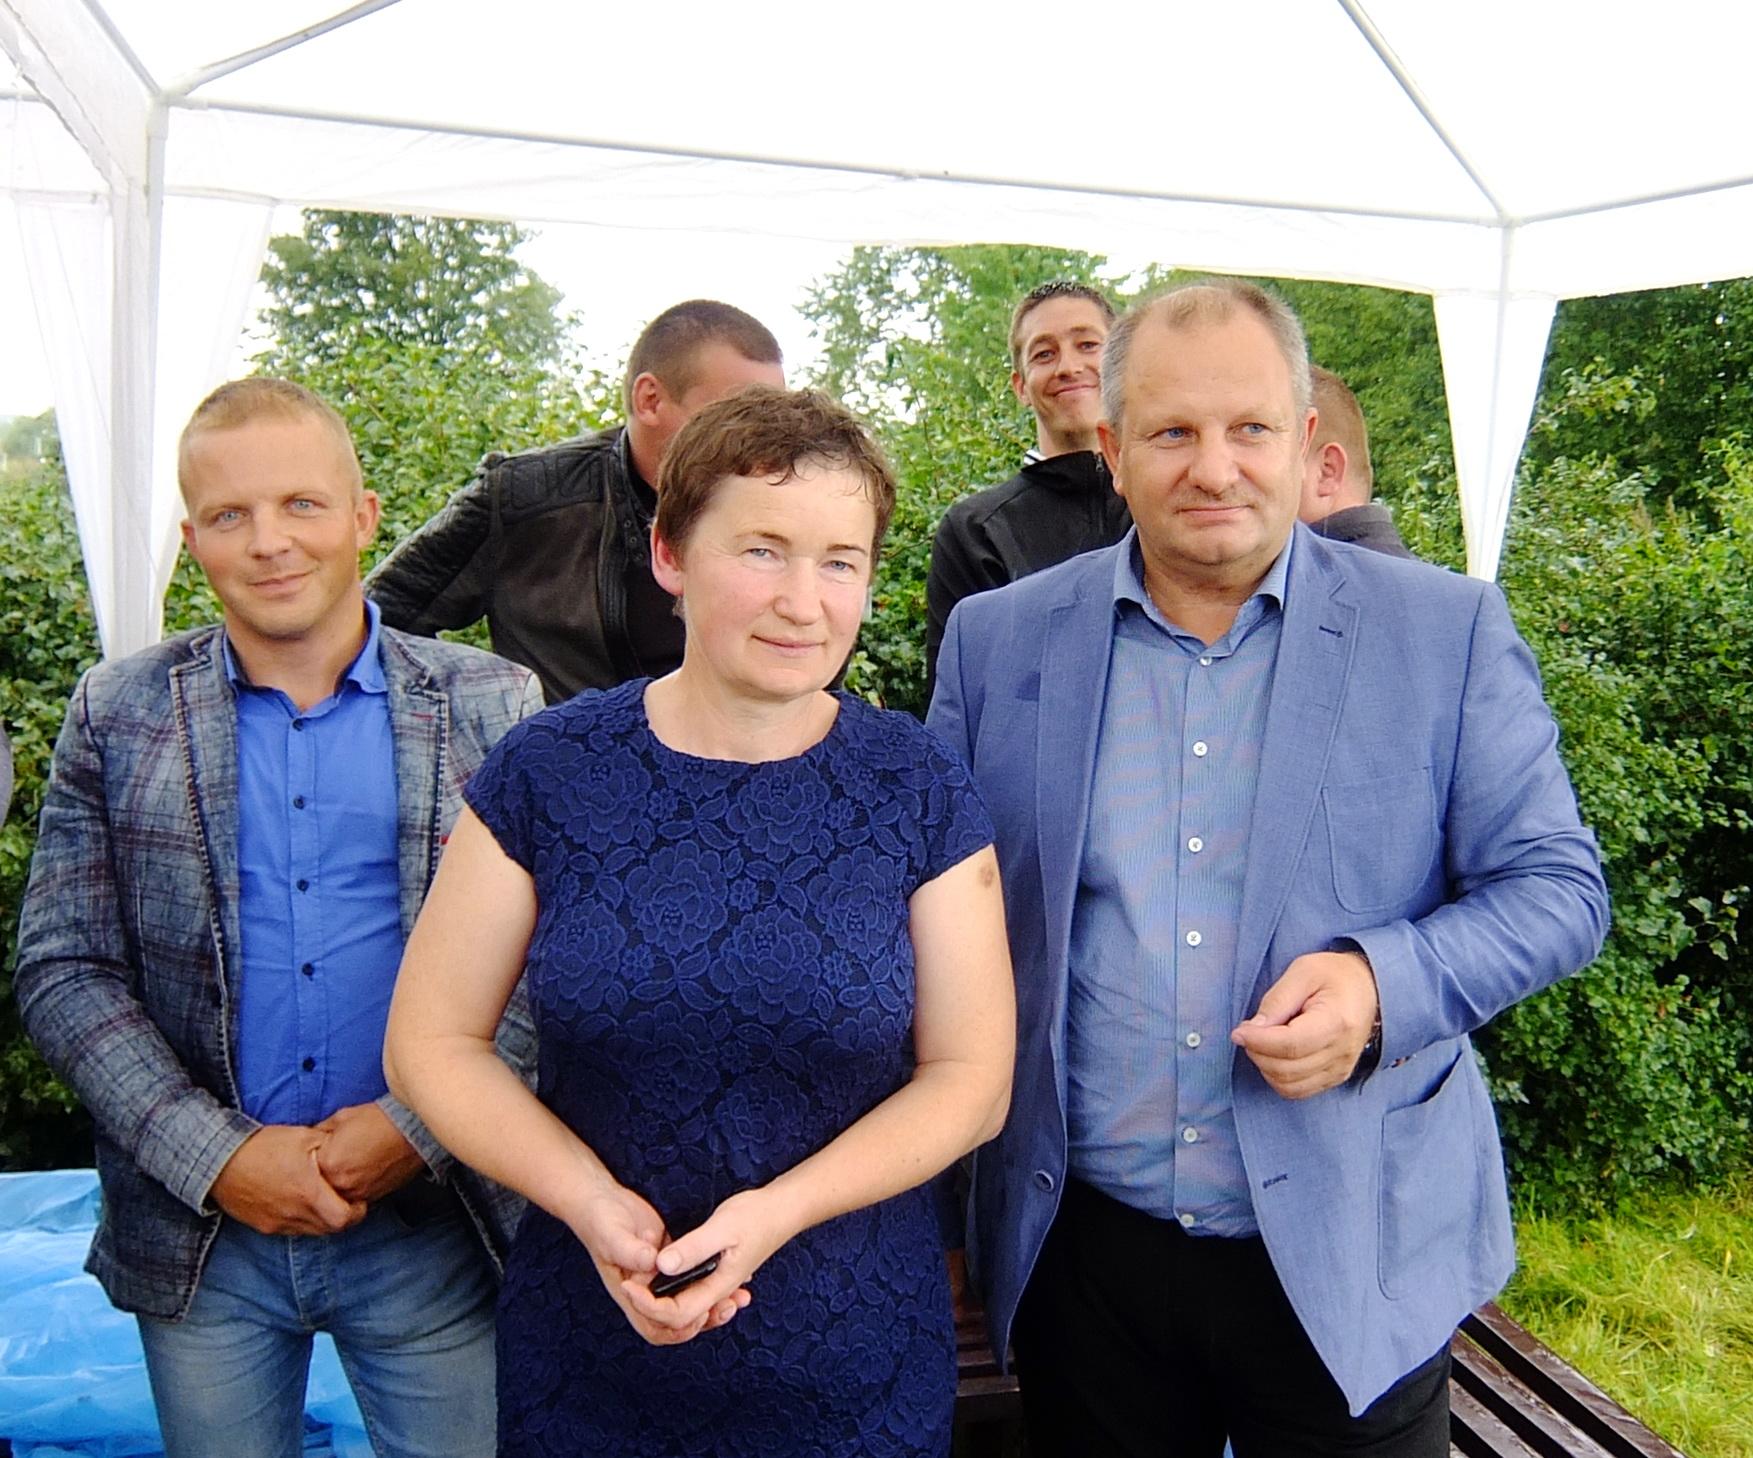 Seimo pirmininko pavaduotojas Kęstas Komskis (dešinėje), Degučių bendruomenės pirmininkė Irena Vismantienė ir Šilutės rajono savivaldybės tarybos narys Ričardas Stonkus.